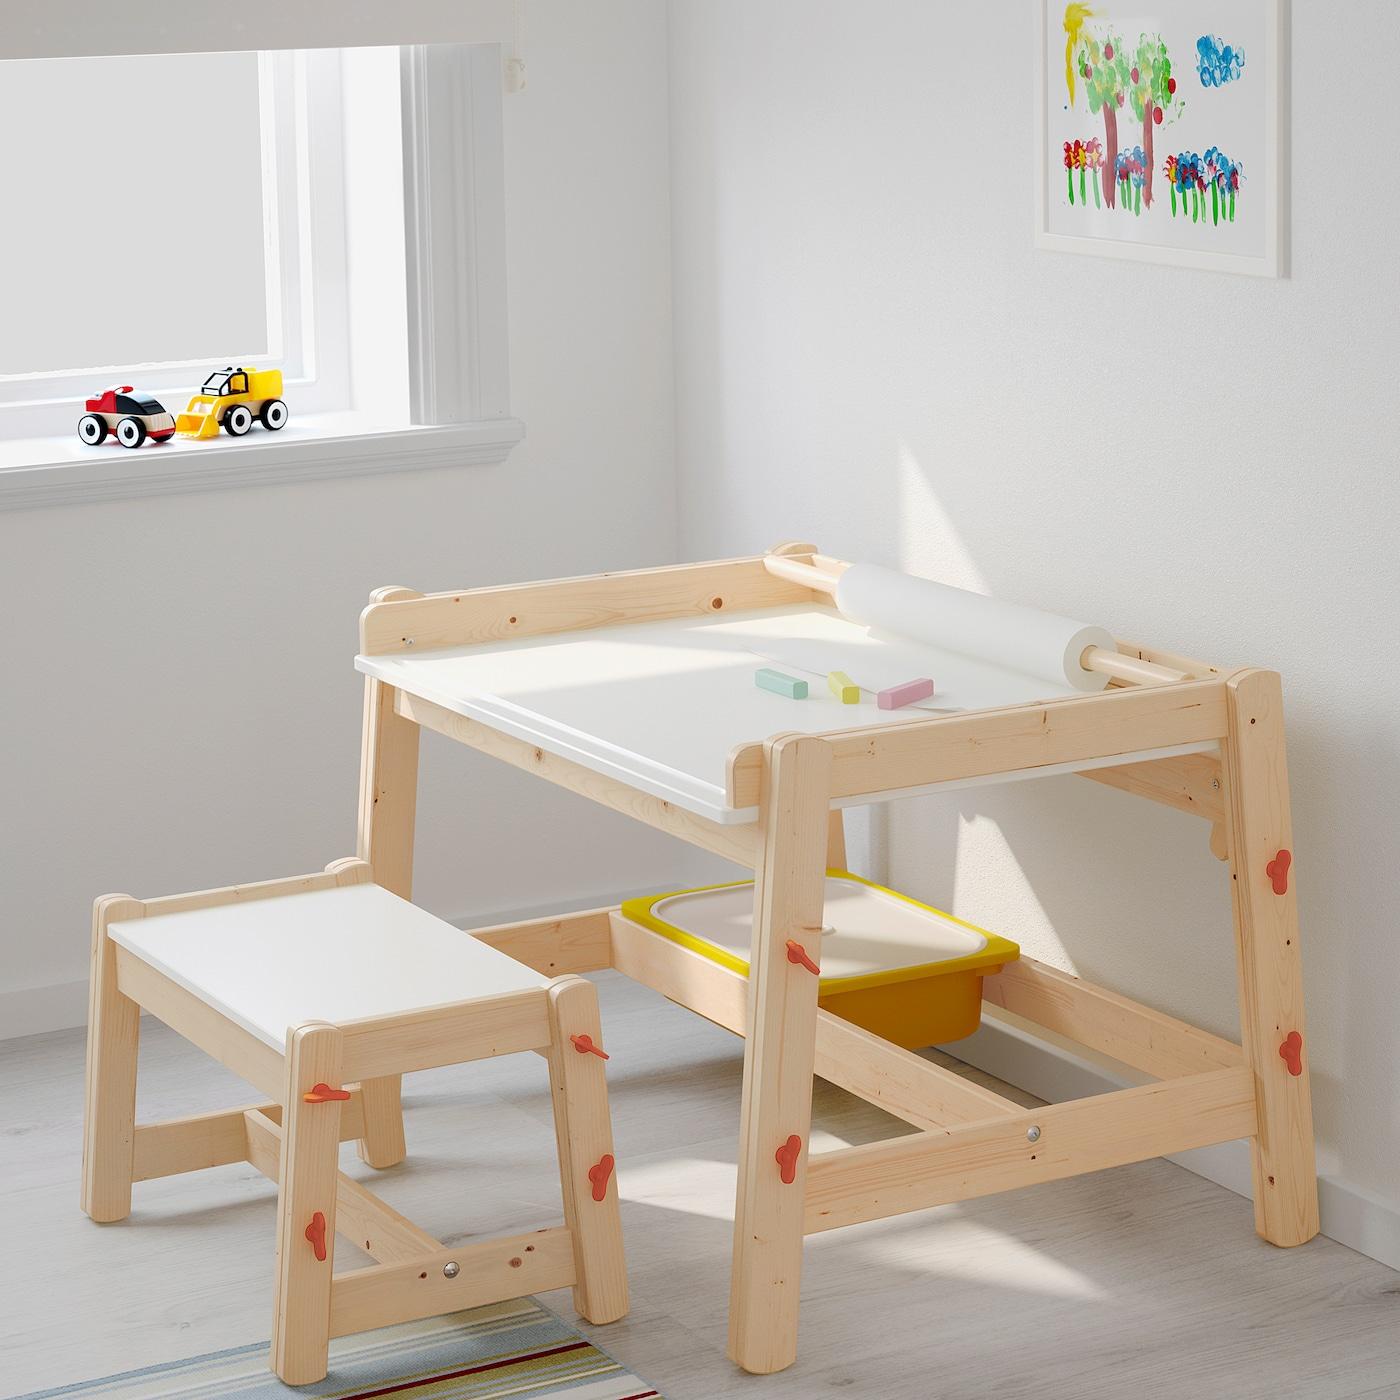 Flisat Adjule Children S Desk Ikea